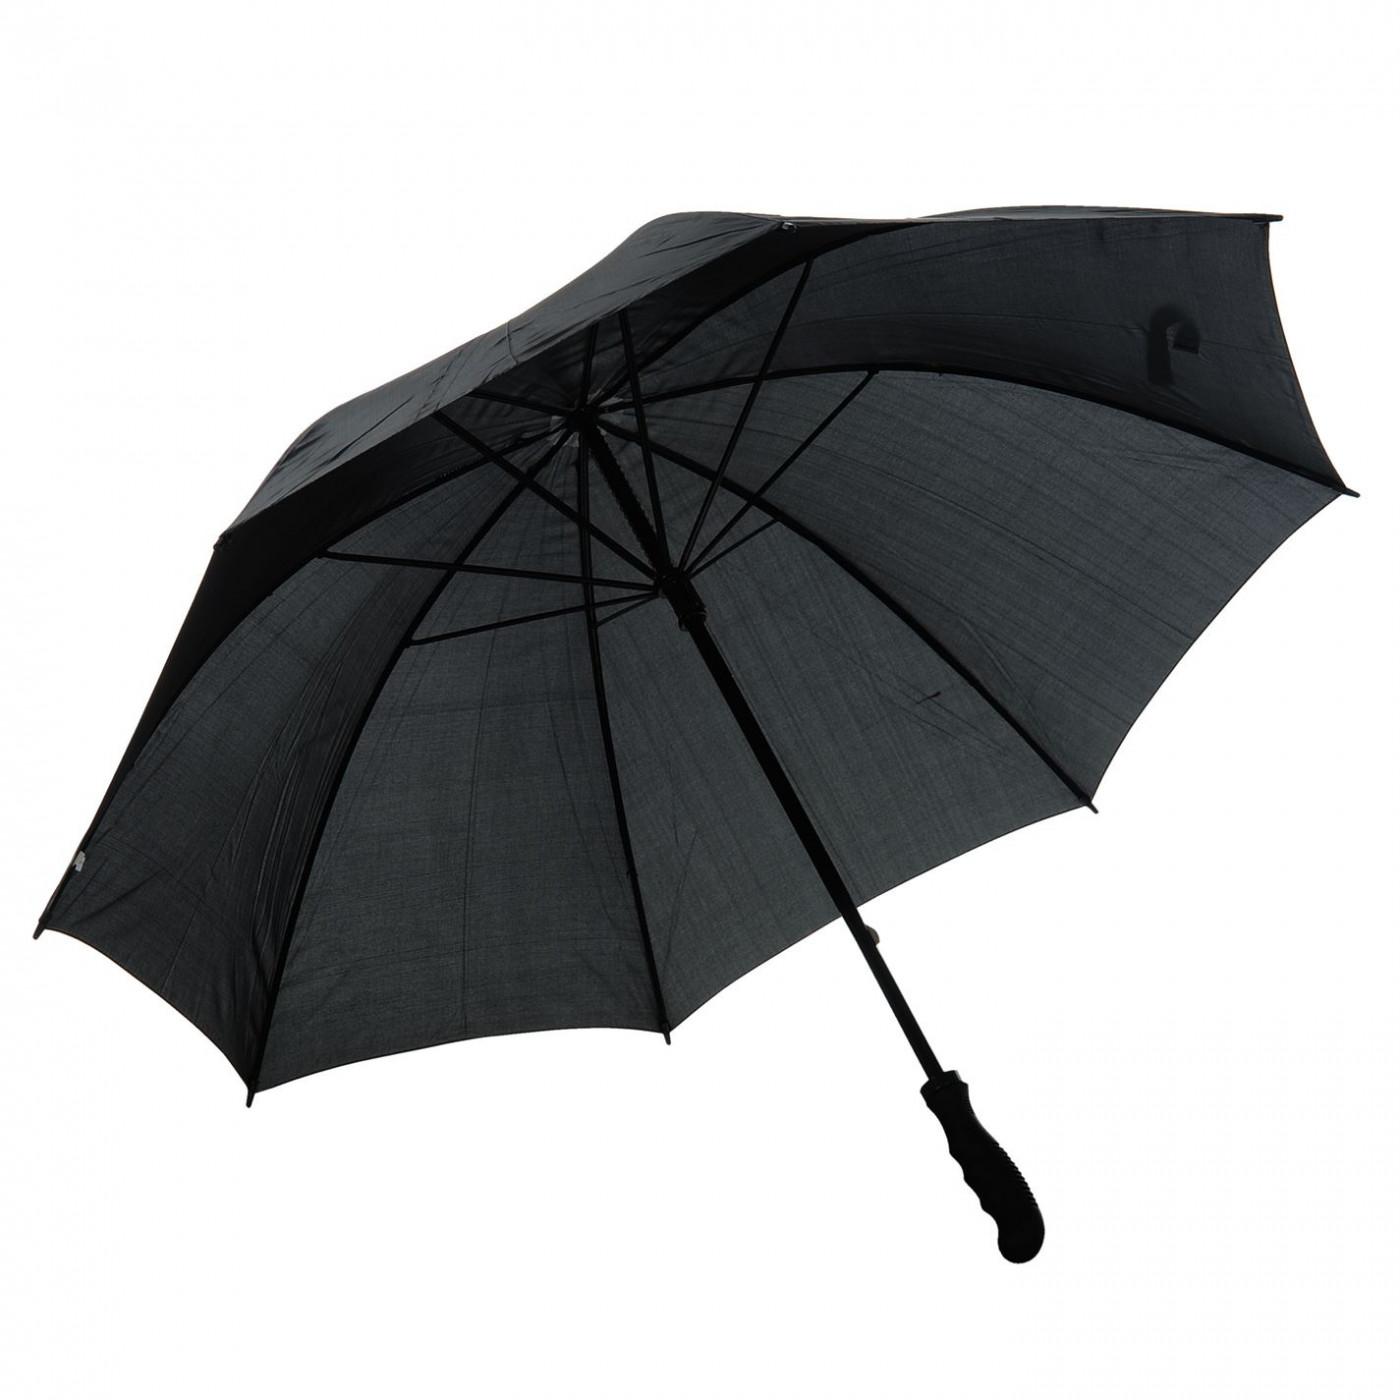 Dunlop Umbrella